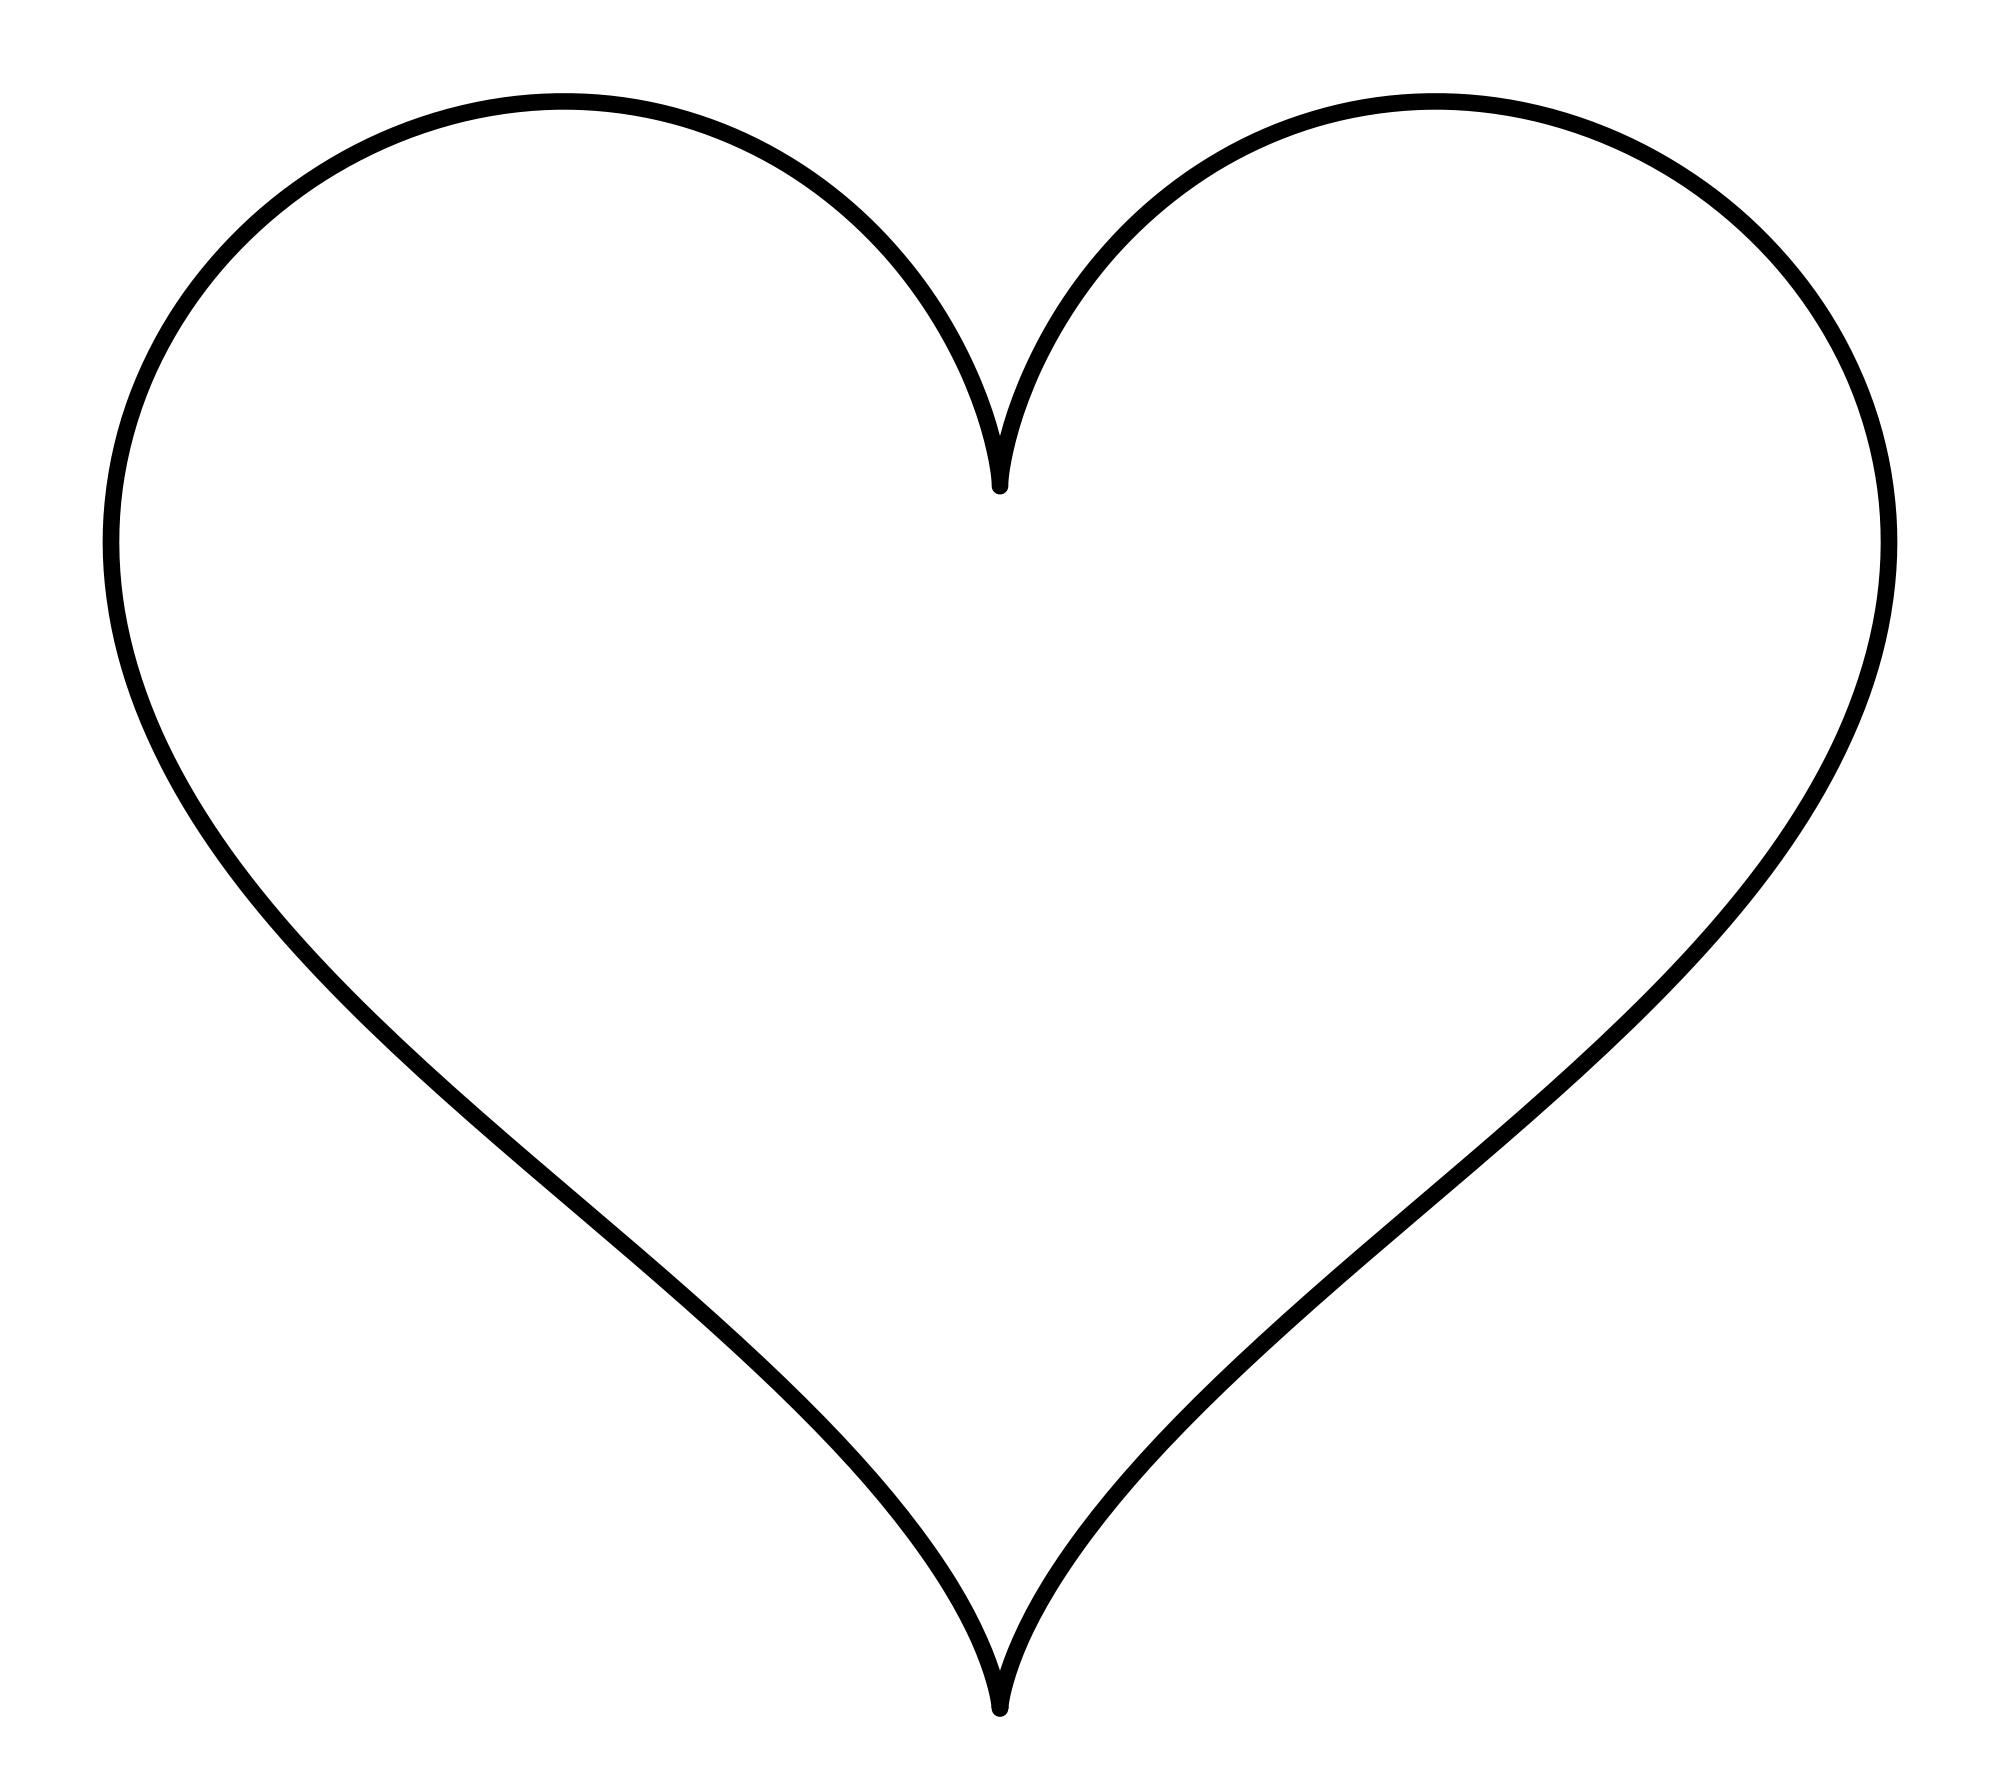 Heart-shaped clipart diamond shape Heart Wikipedia Shape the